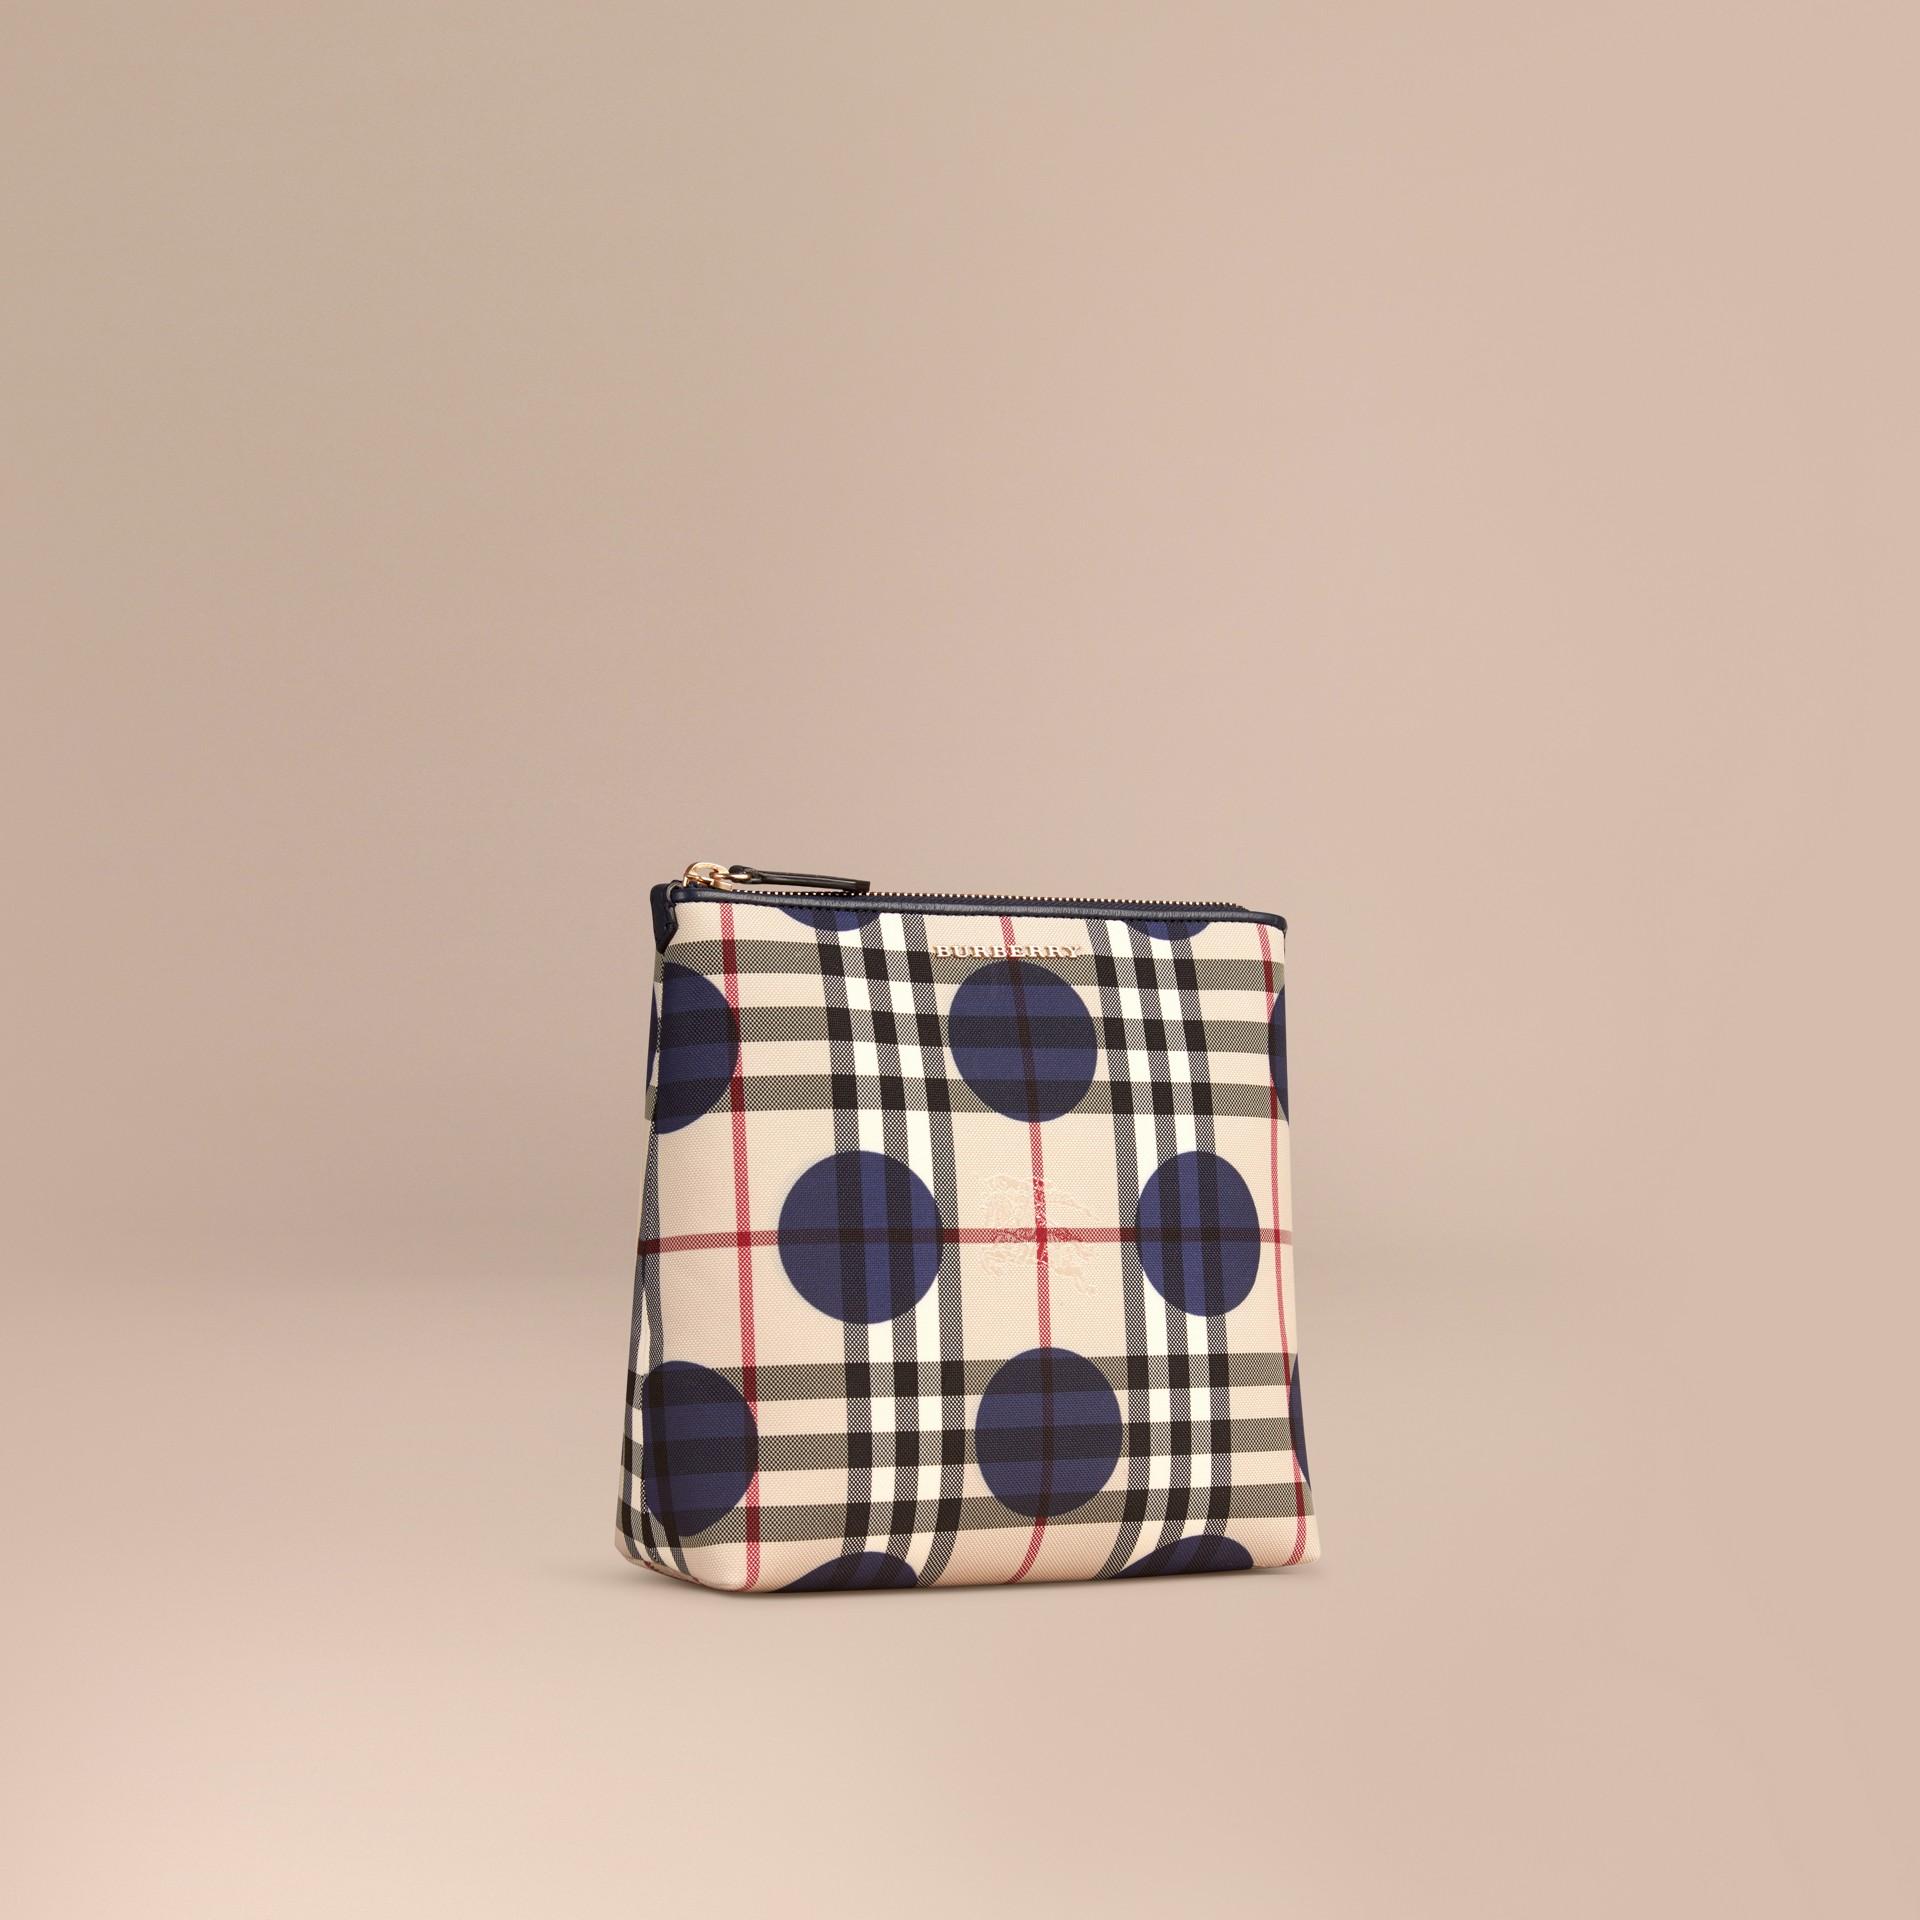 Bleu carbone Grande pochette à motif check et à pois bordée de cuir Bleu Carbone - photo de la galerie 1